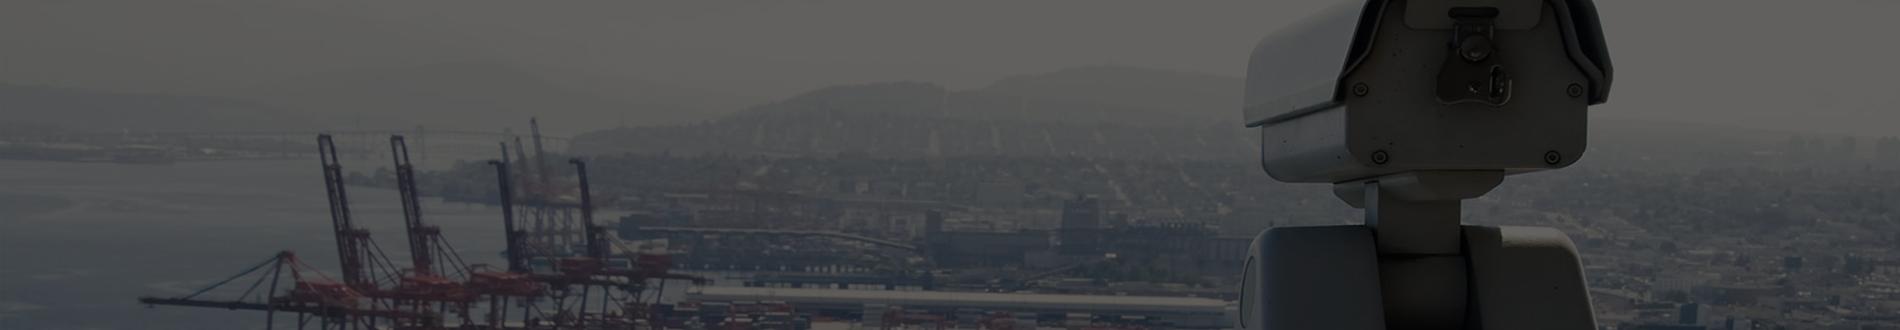 C-TPAT Audit & Compliance   AsiaInspection